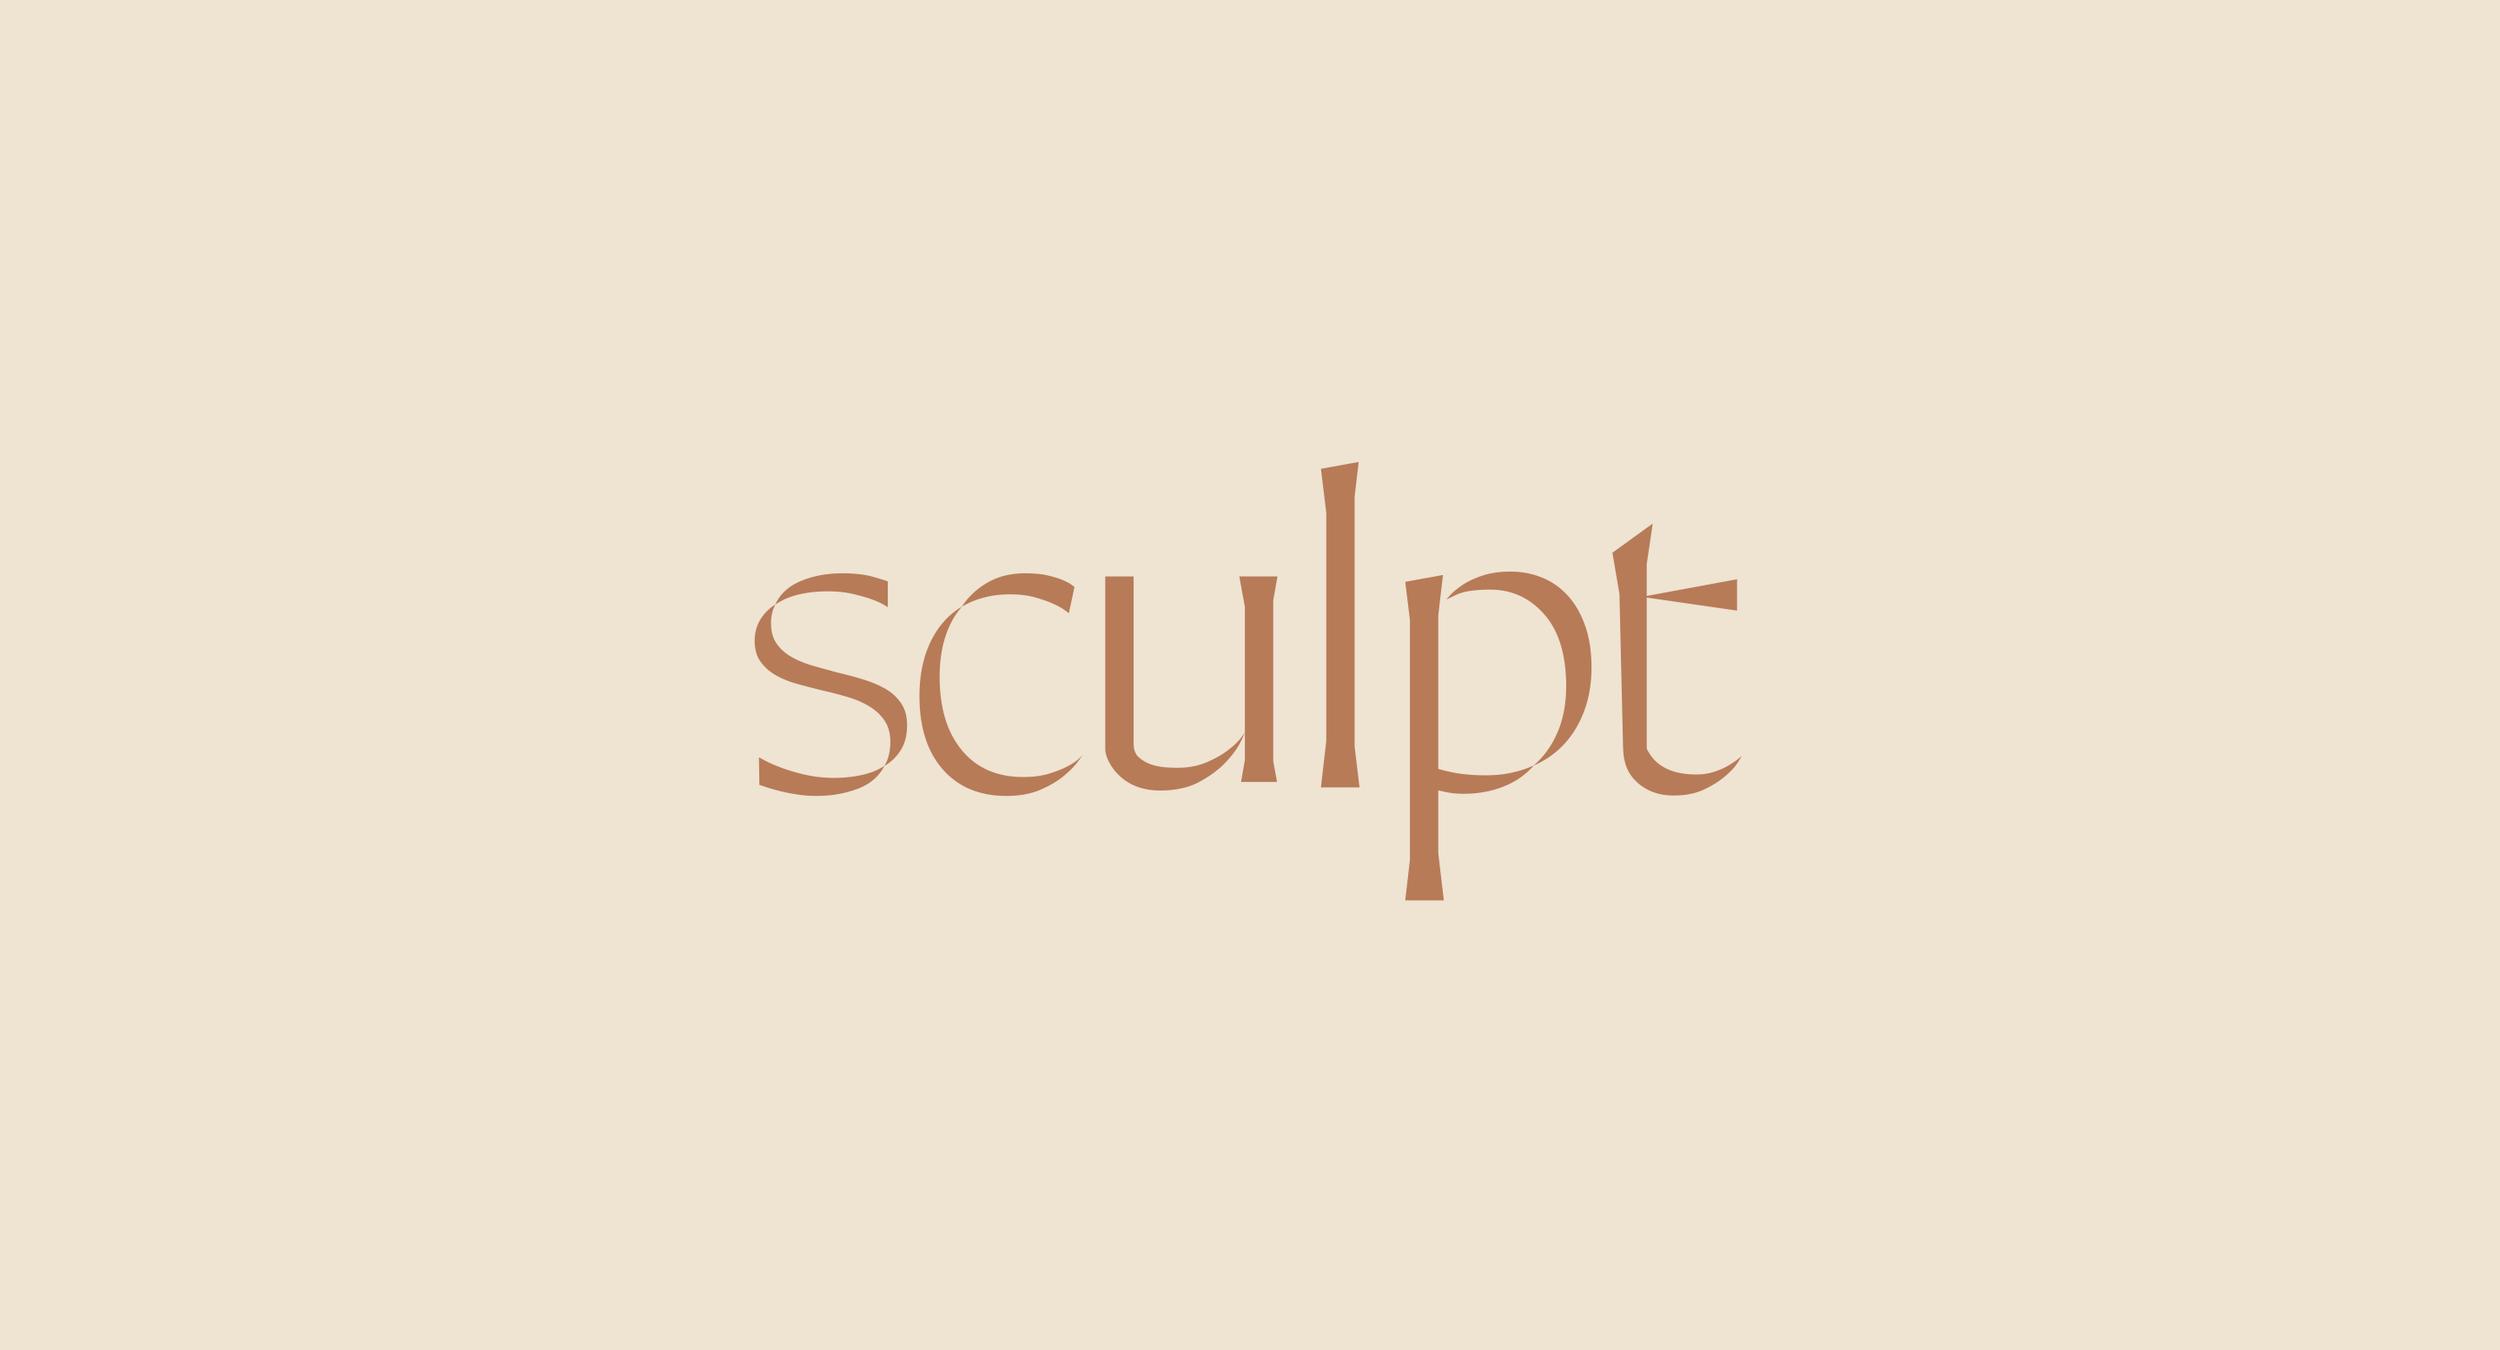 sculpt_main.png